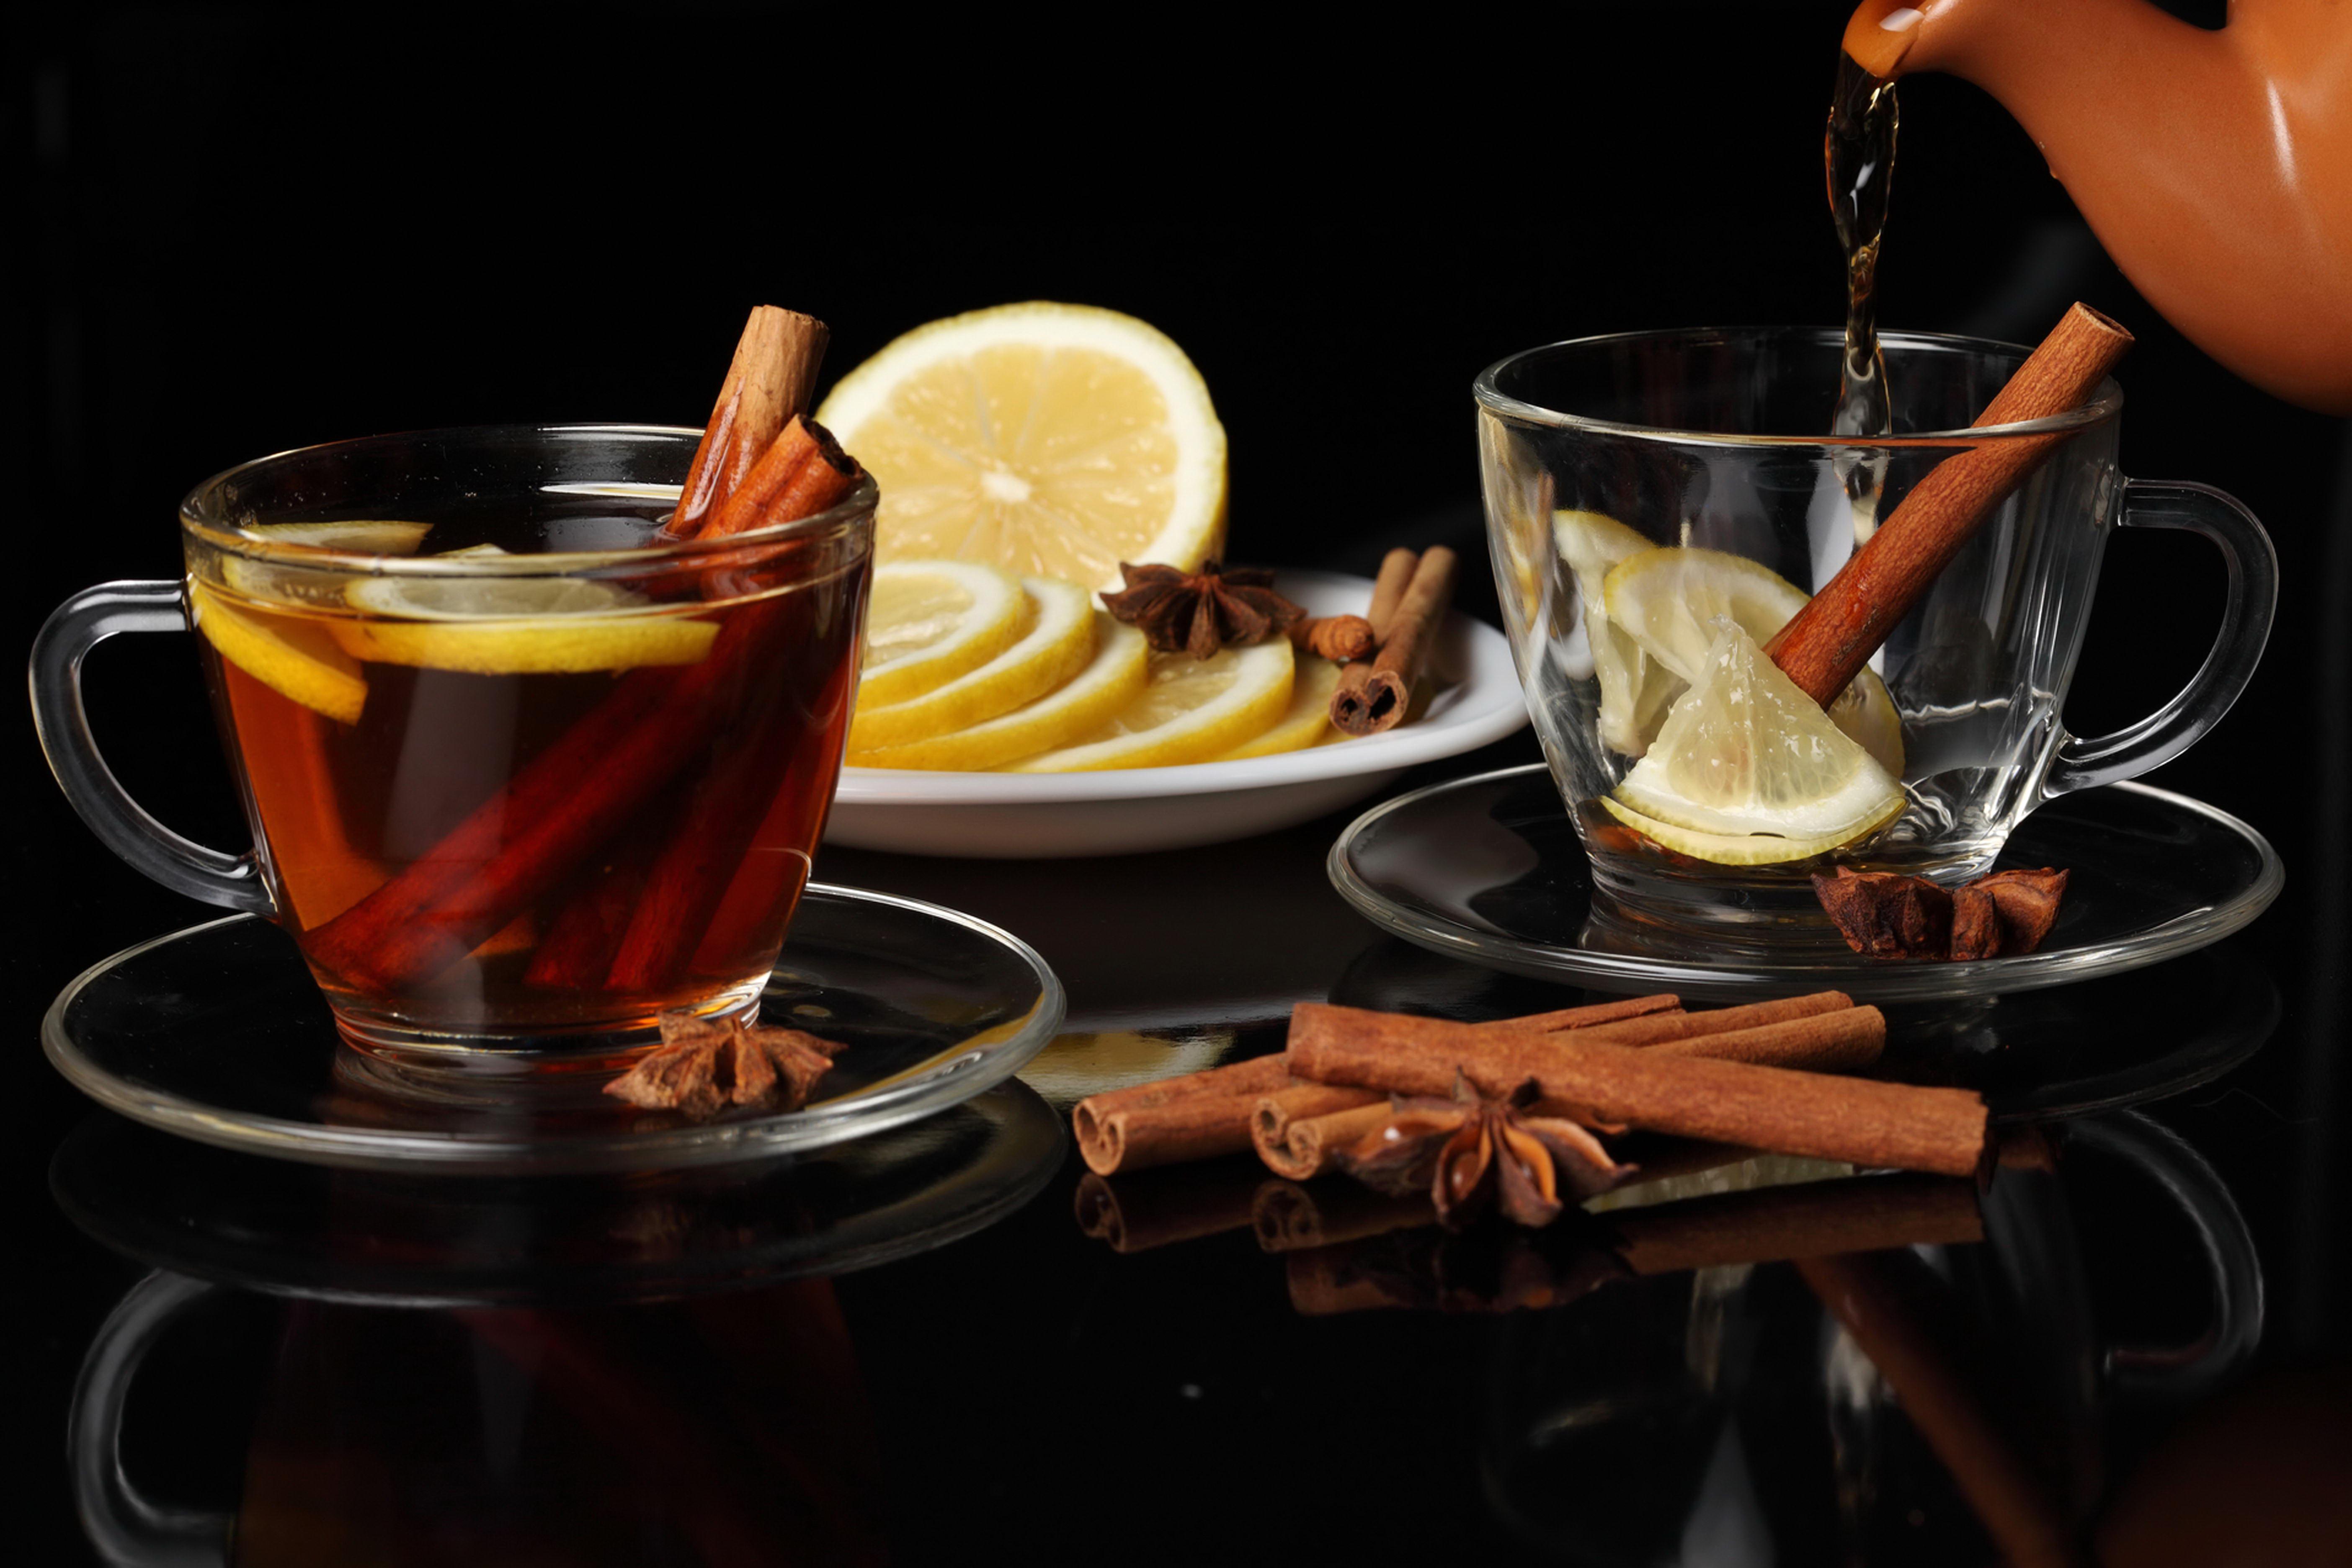 пирожные лимоны чай  № 3678327 загрузить